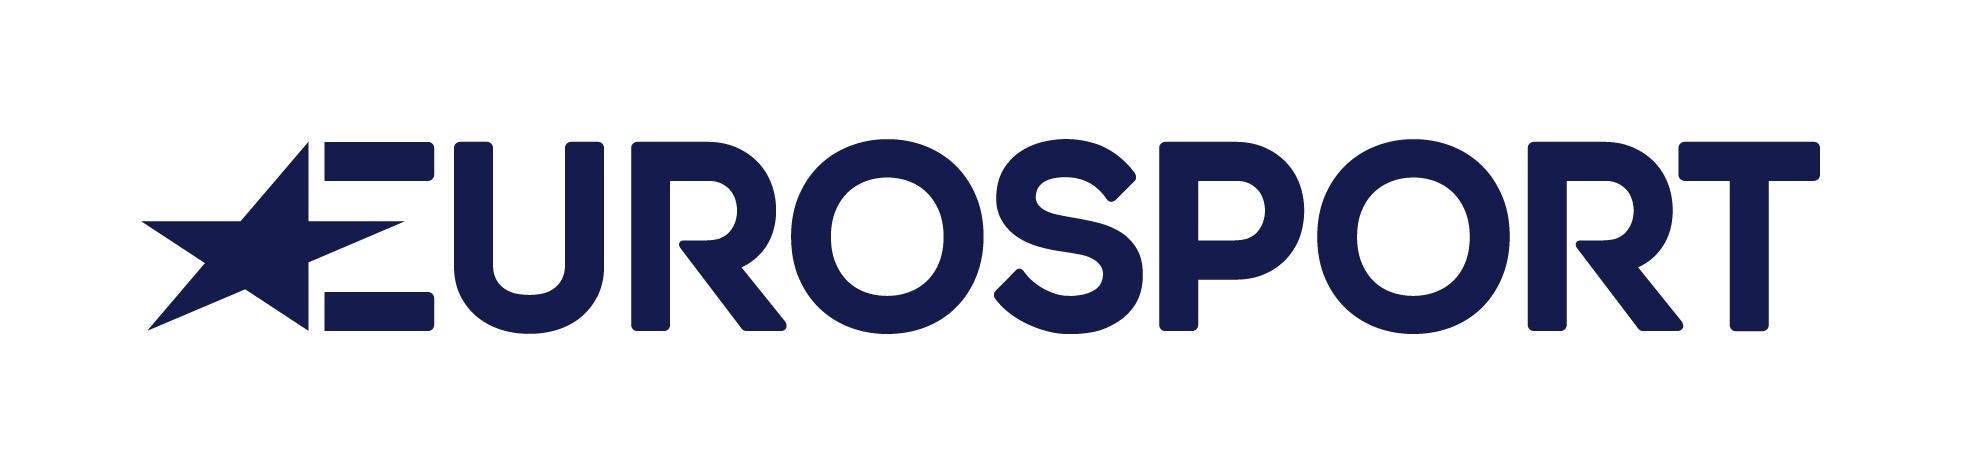 Eurosport SAS